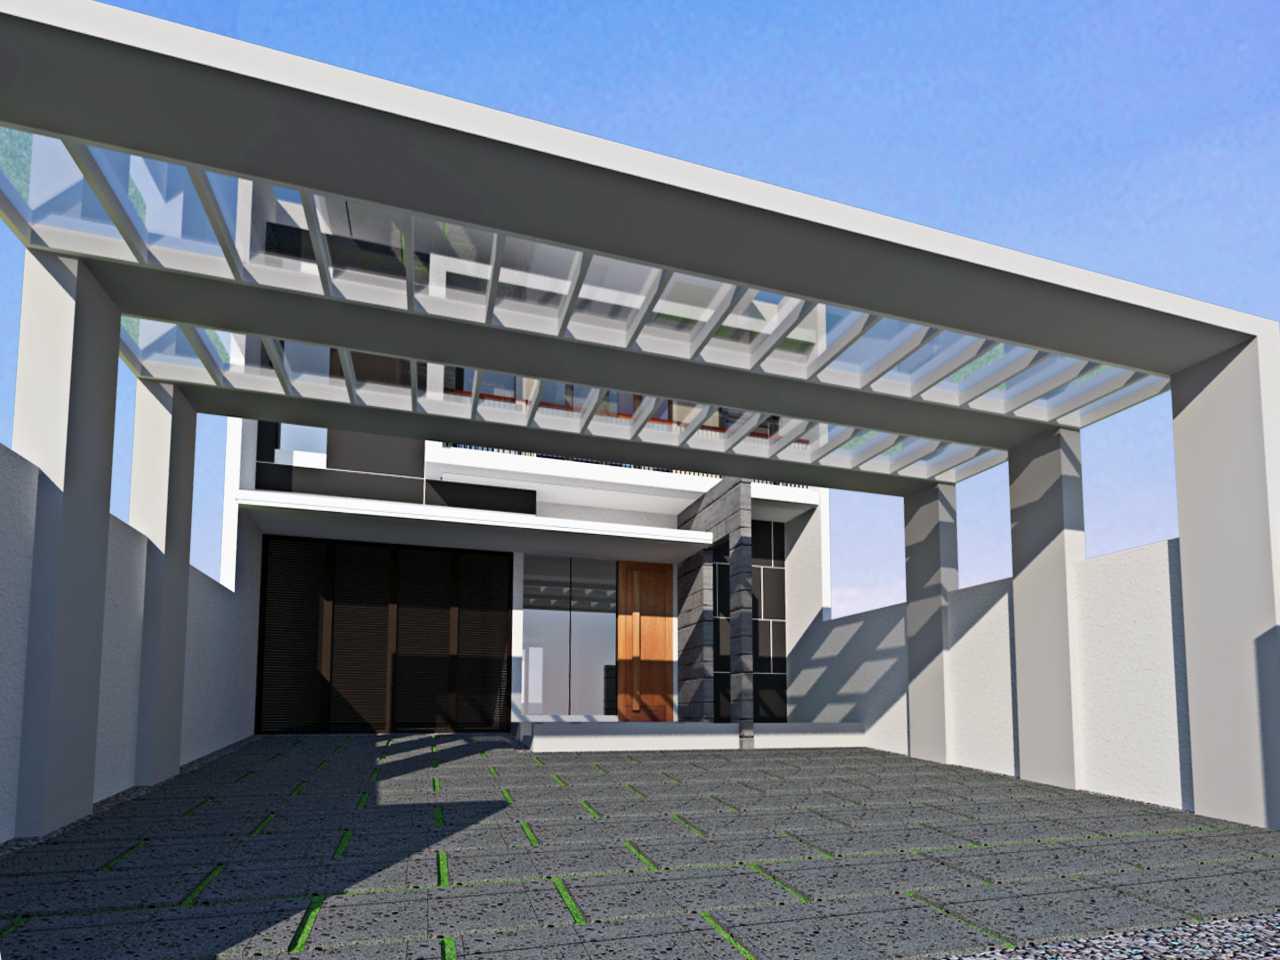 Zigzag Architecture Studio di Depok